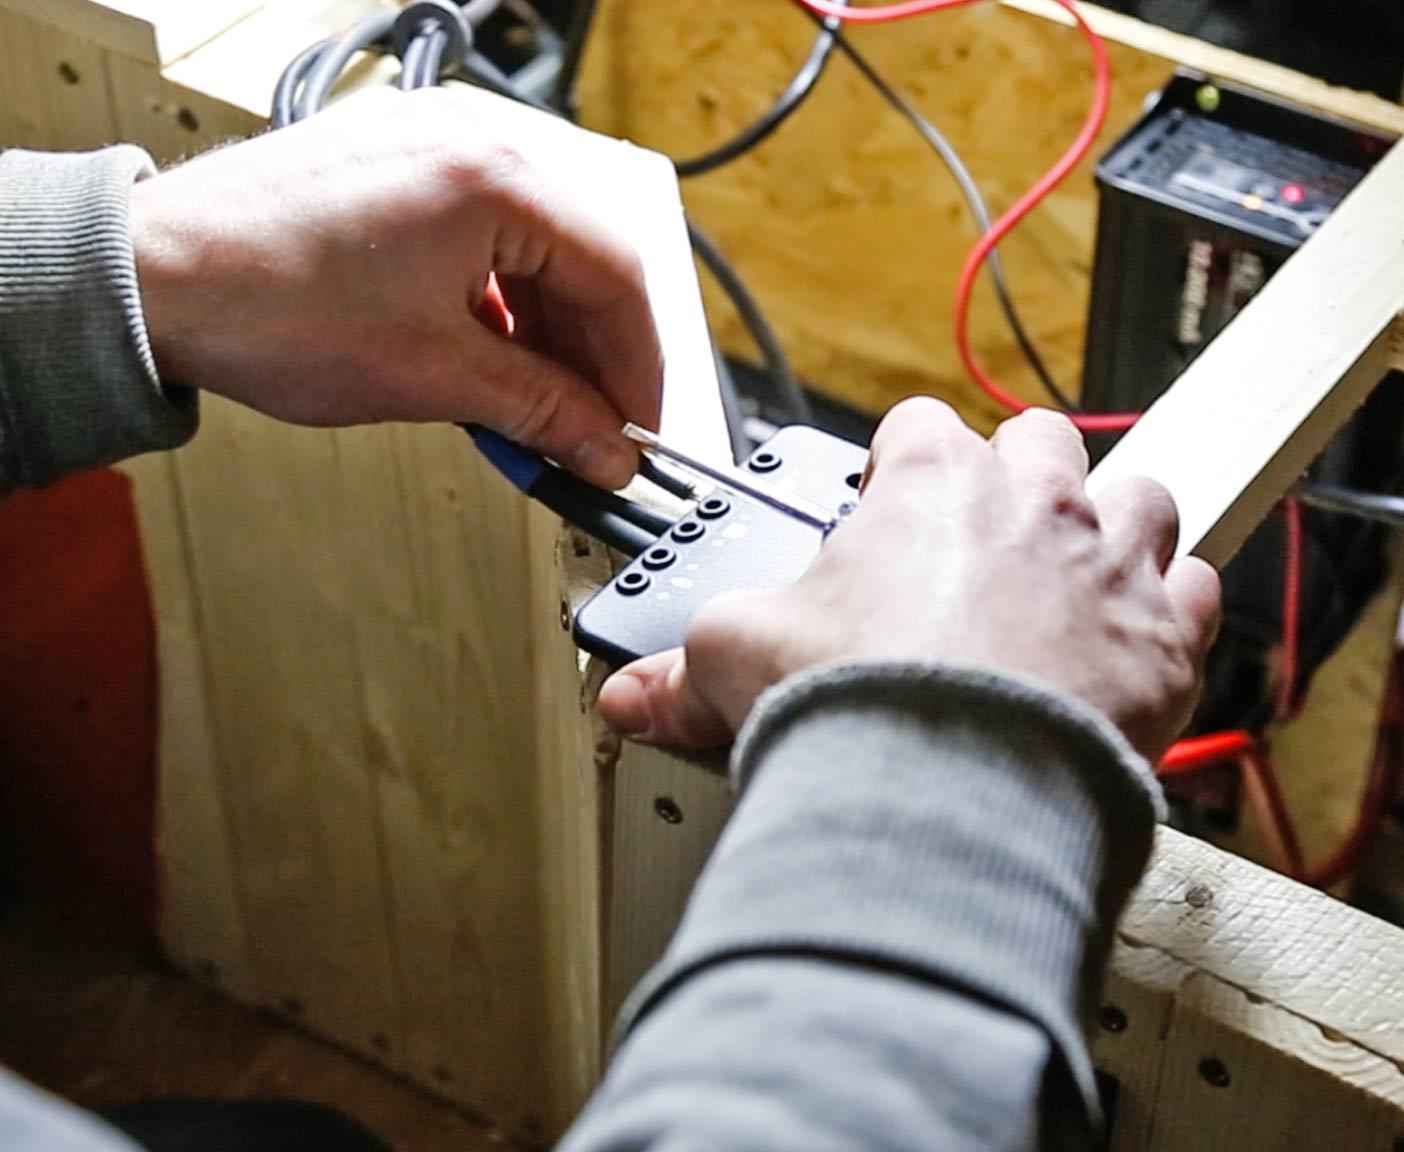 solaranlage-wohnmobil-nachrüsten-schaltplan-berechnen-inklusive-einbau-lomplettset-gebraucht-100w-selber-planen-mobile-solarladeregler